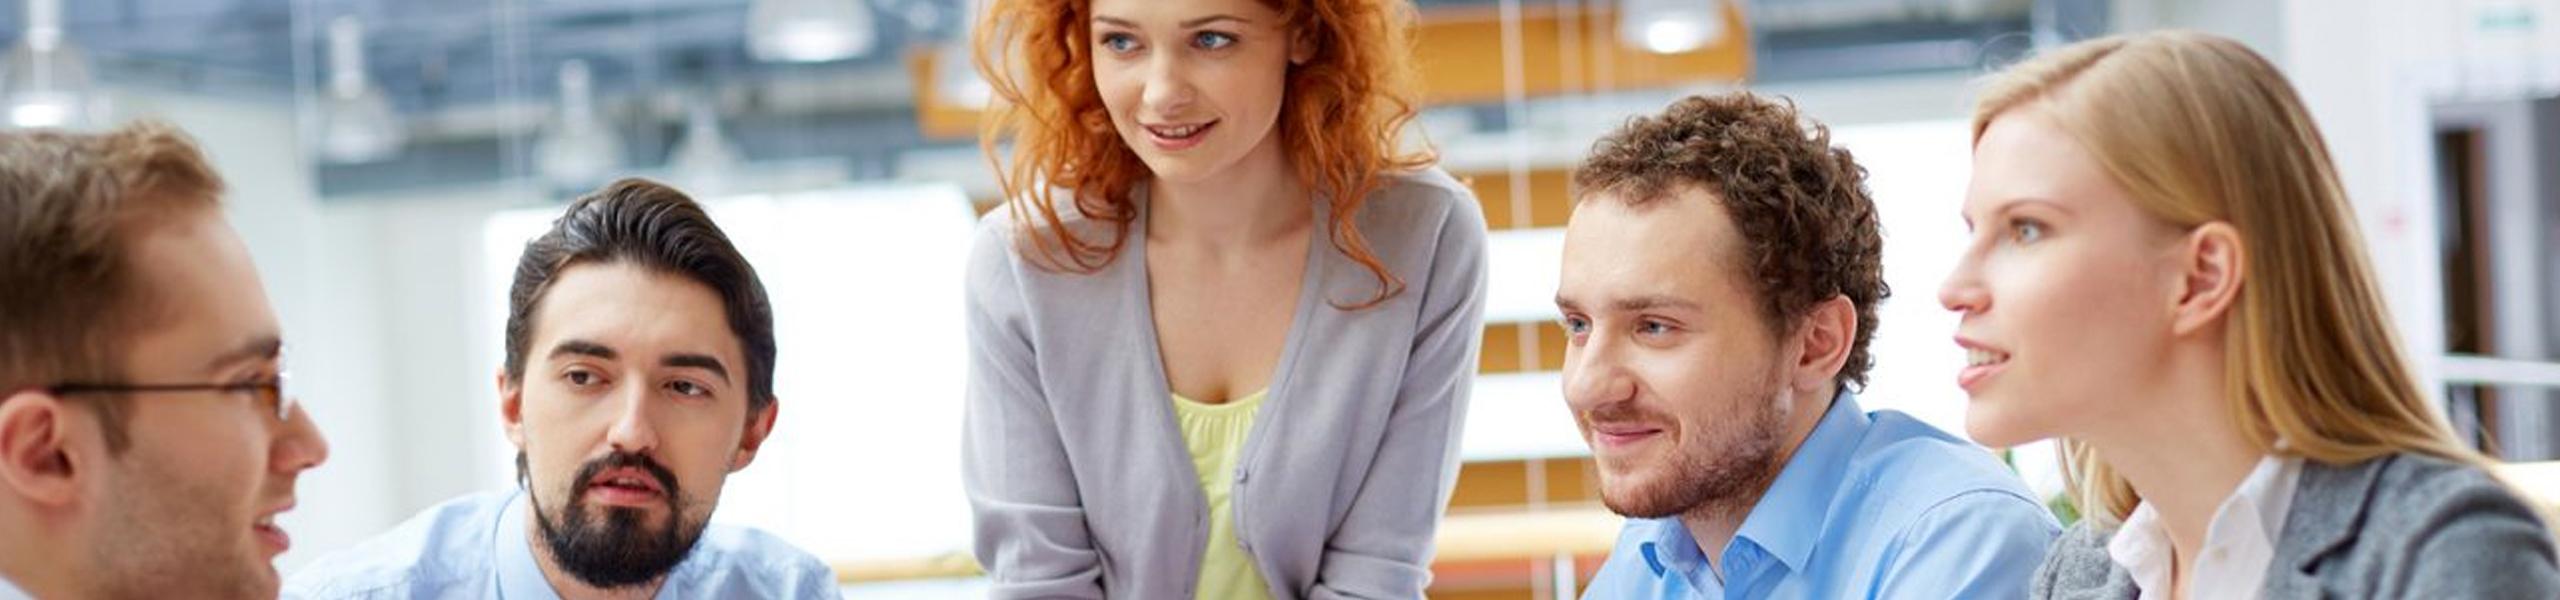 Gestão Estratégica e EmpreendedoraMaster of Business Administration (M.B.A.)